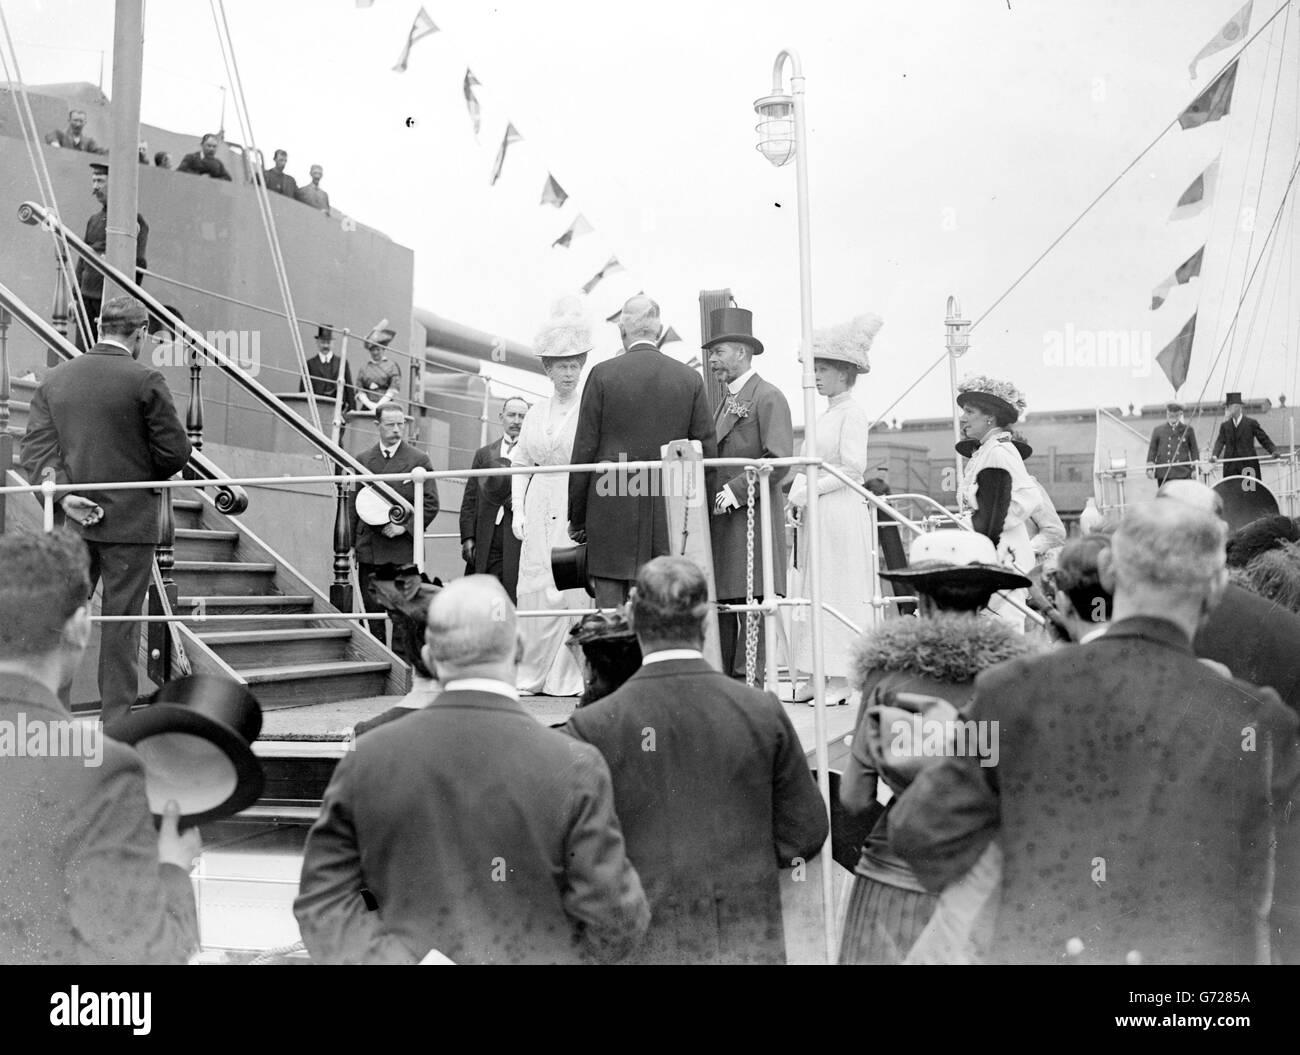 König George V und Königin Mary mit Prinzessin Mary besteigen das HMS Benbow, ein Schlachtschiff der Iron Duke-Klasse, während ihres Besuchs in Schottland, 1914. Stockfoto